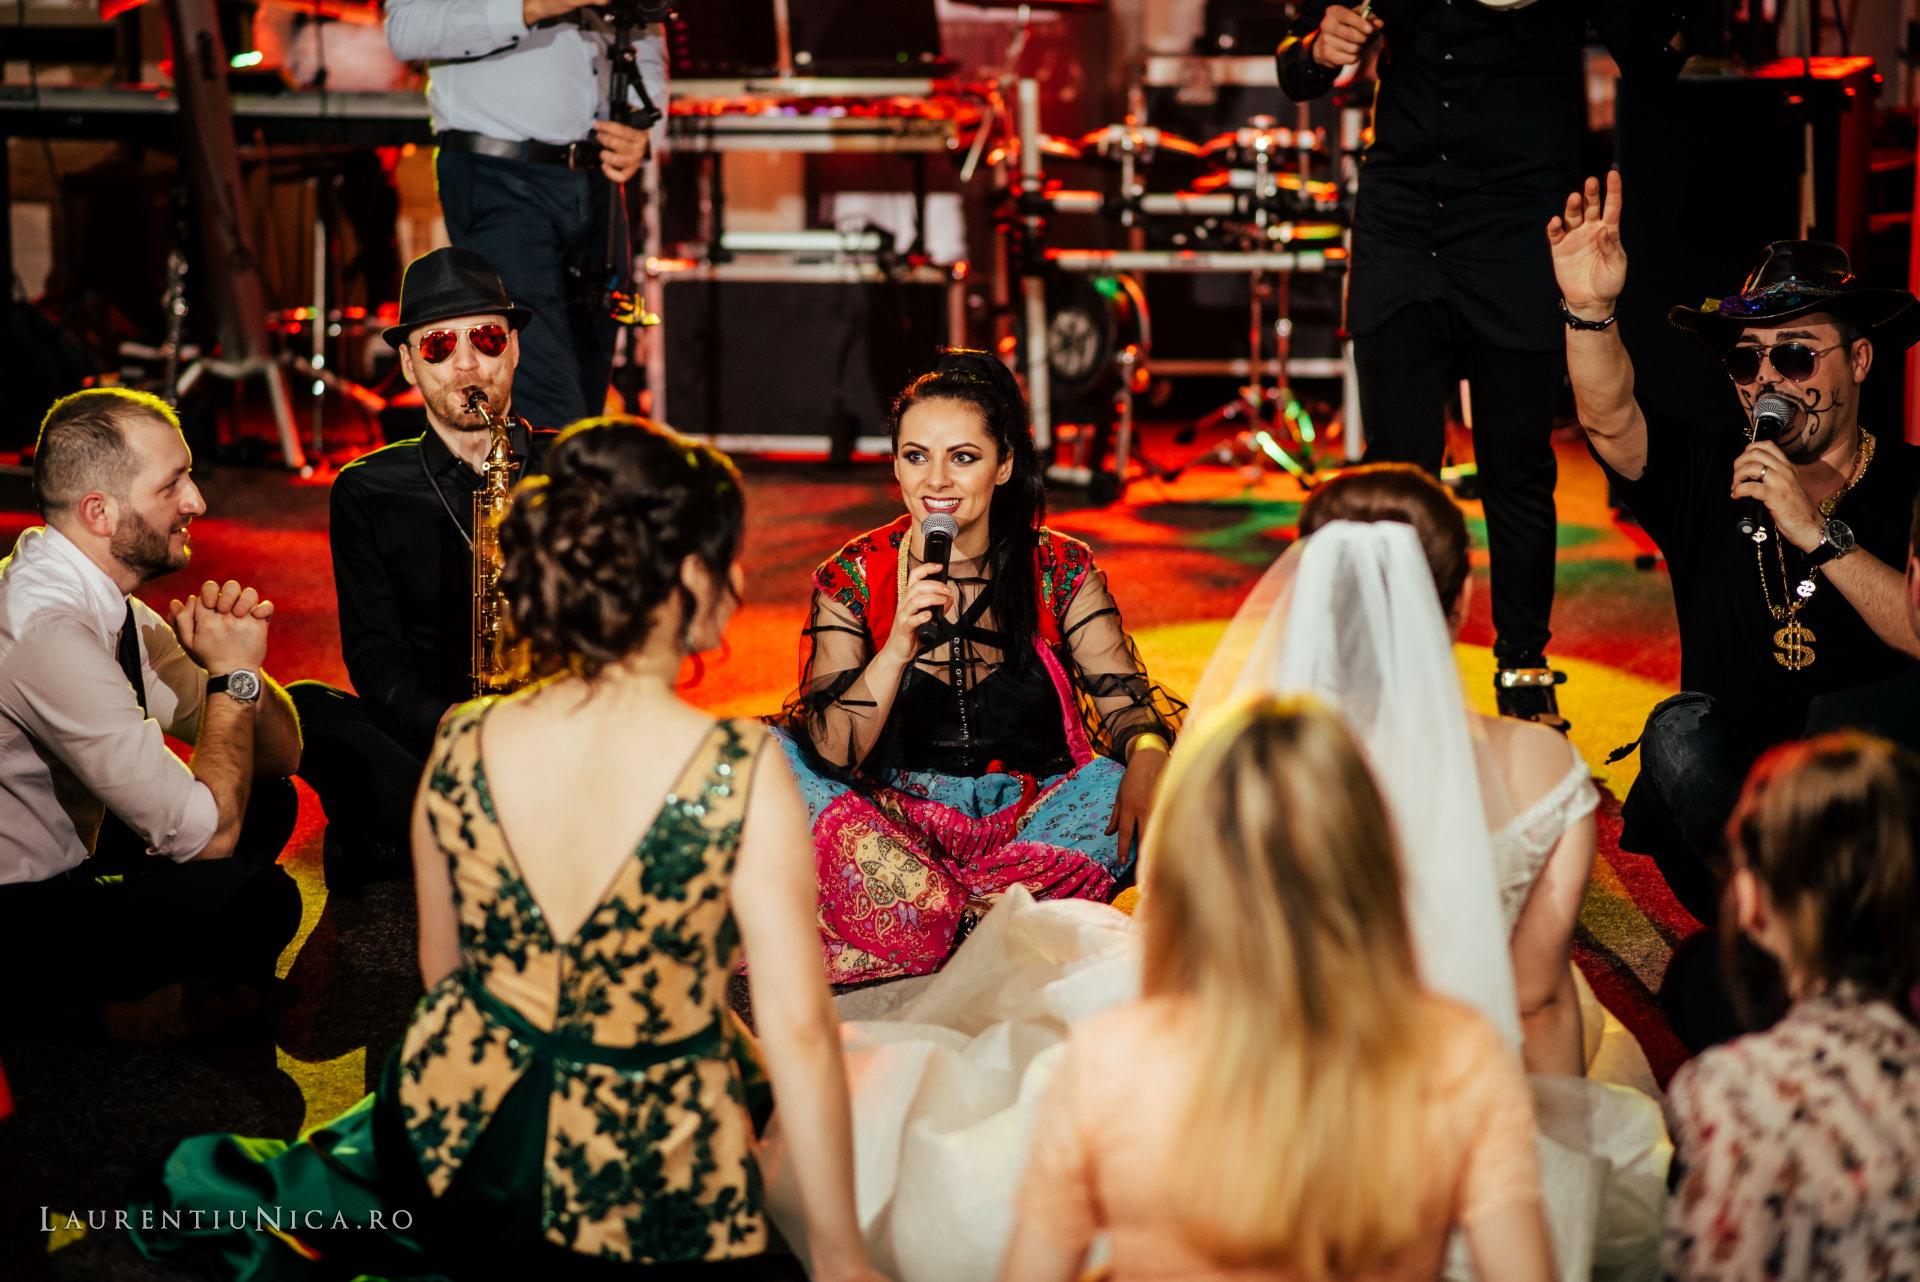 daniela si marius fotografii nunta craiova laurentiu nica59 - Daniela & Marius | Fotografii nunta